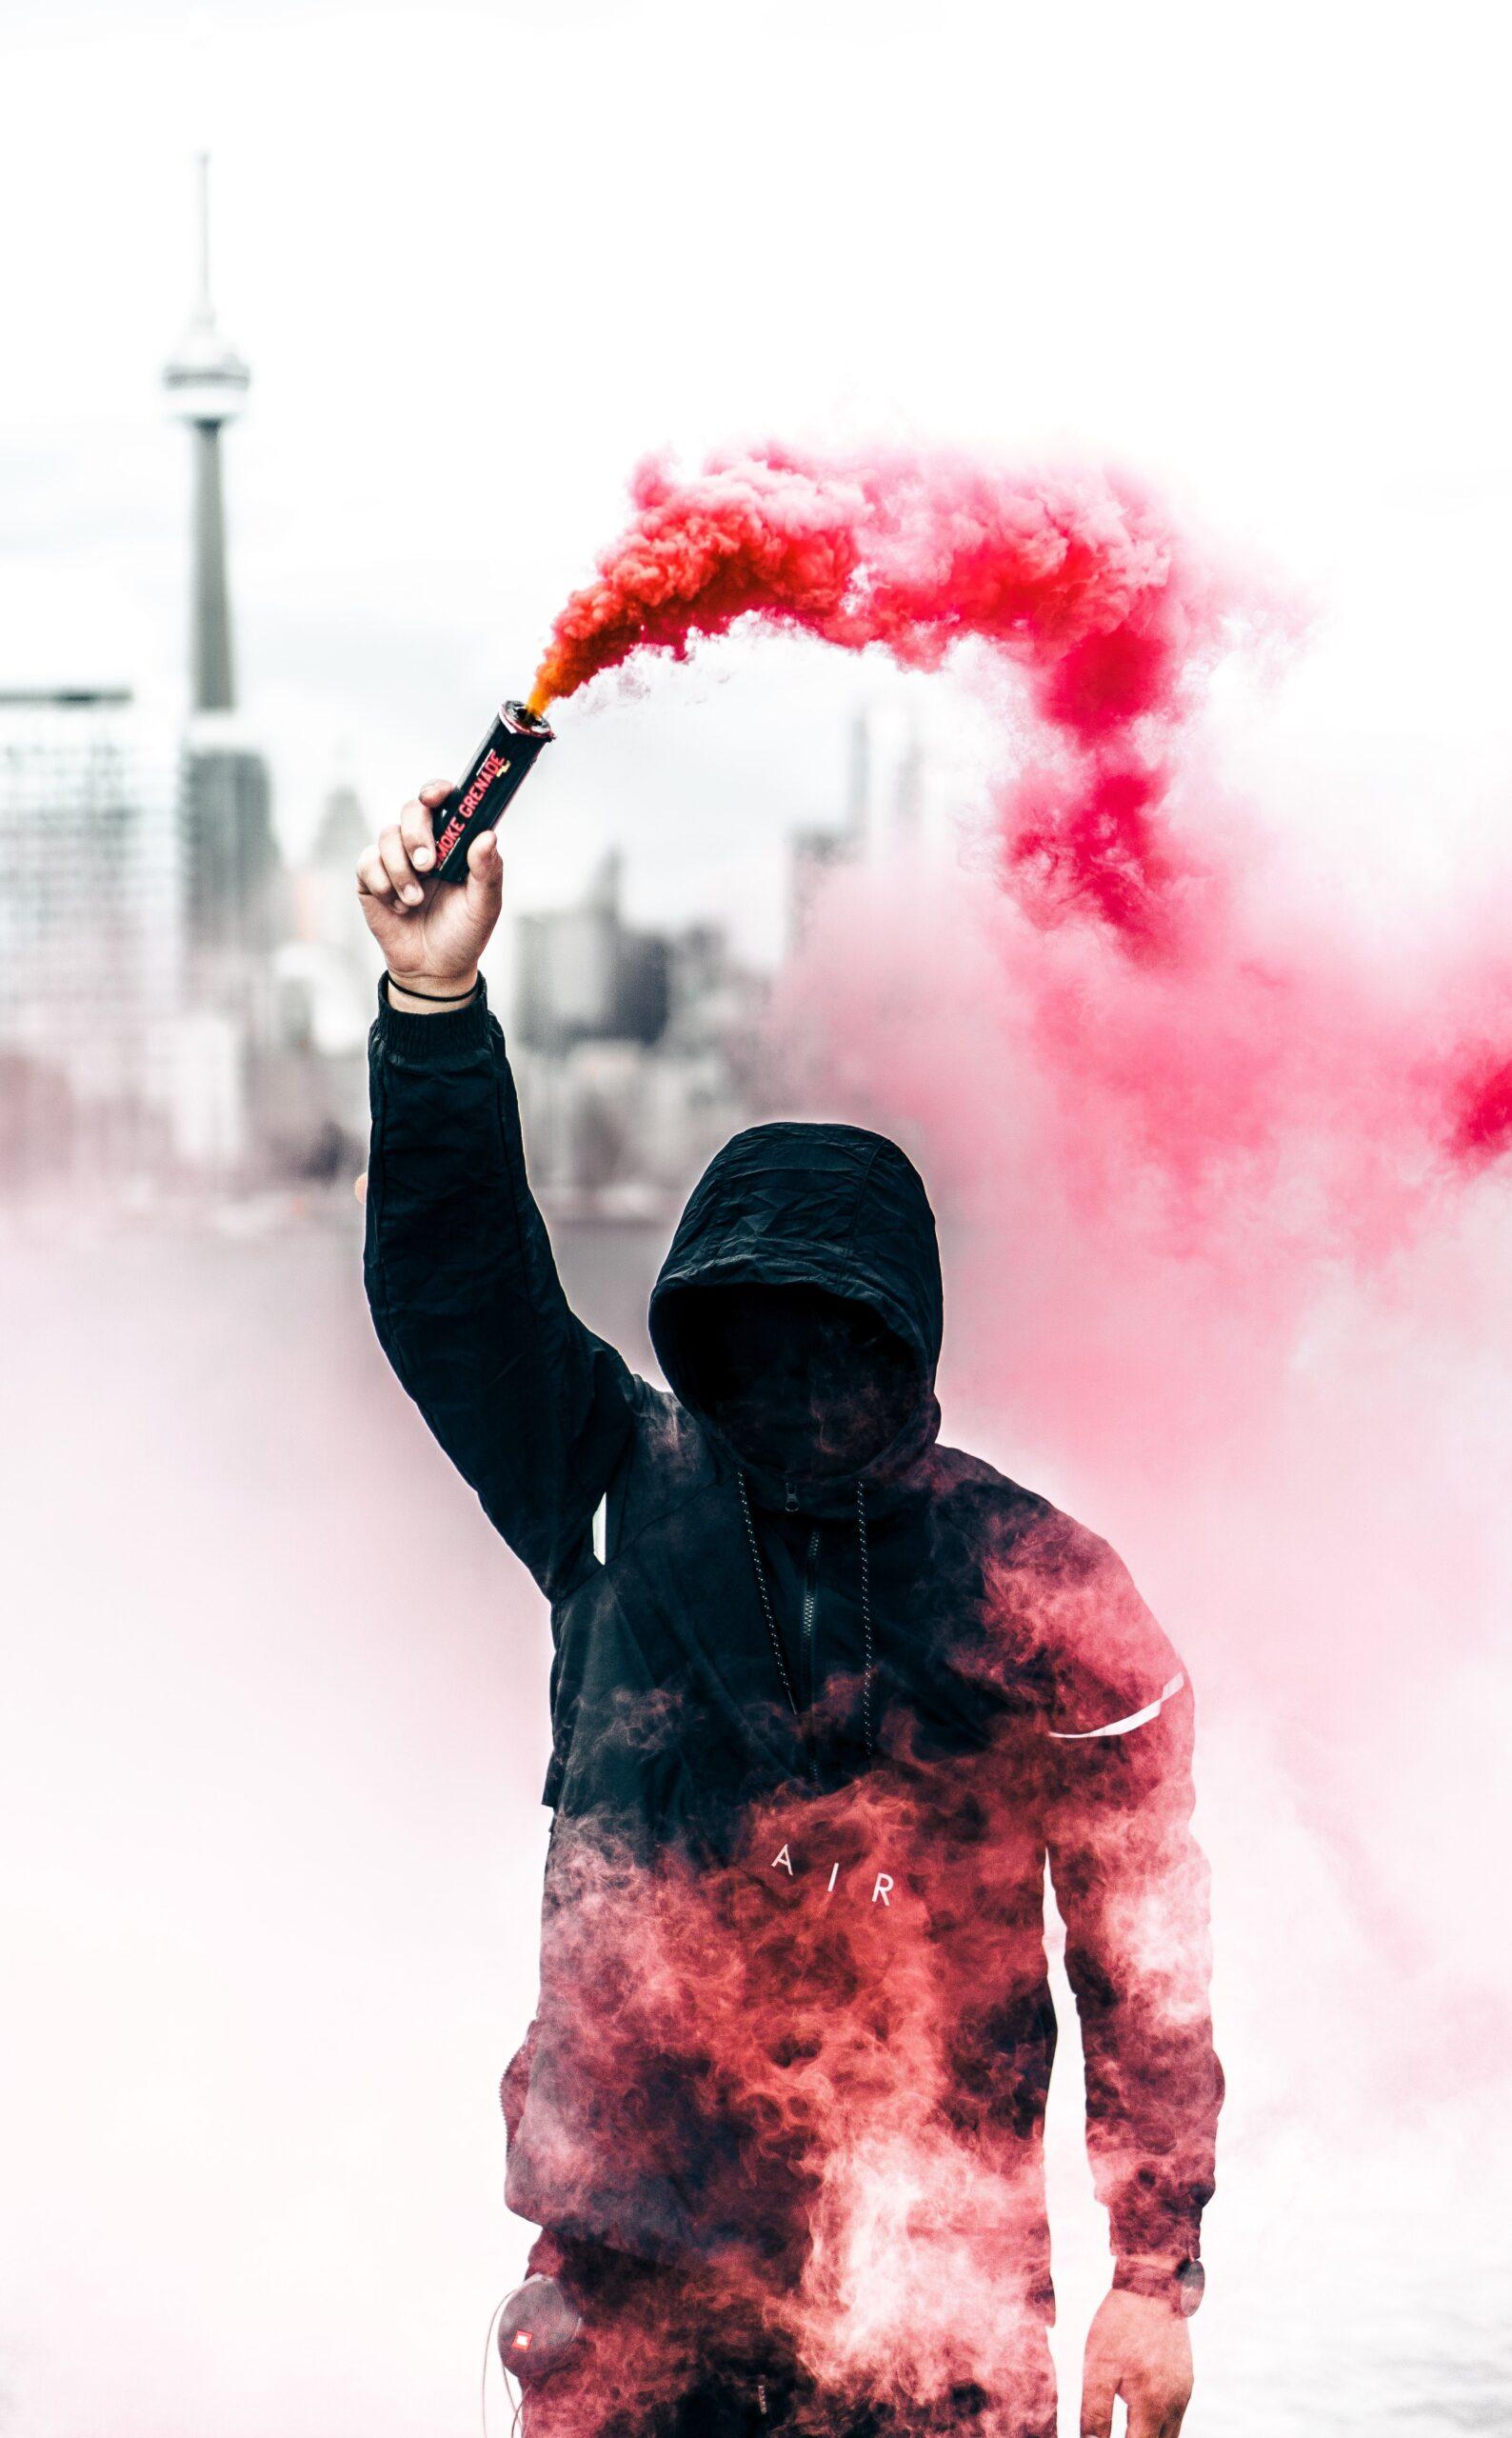 MSWiA vs Pseudokibice - walka ze stadionowym chuligaństwem